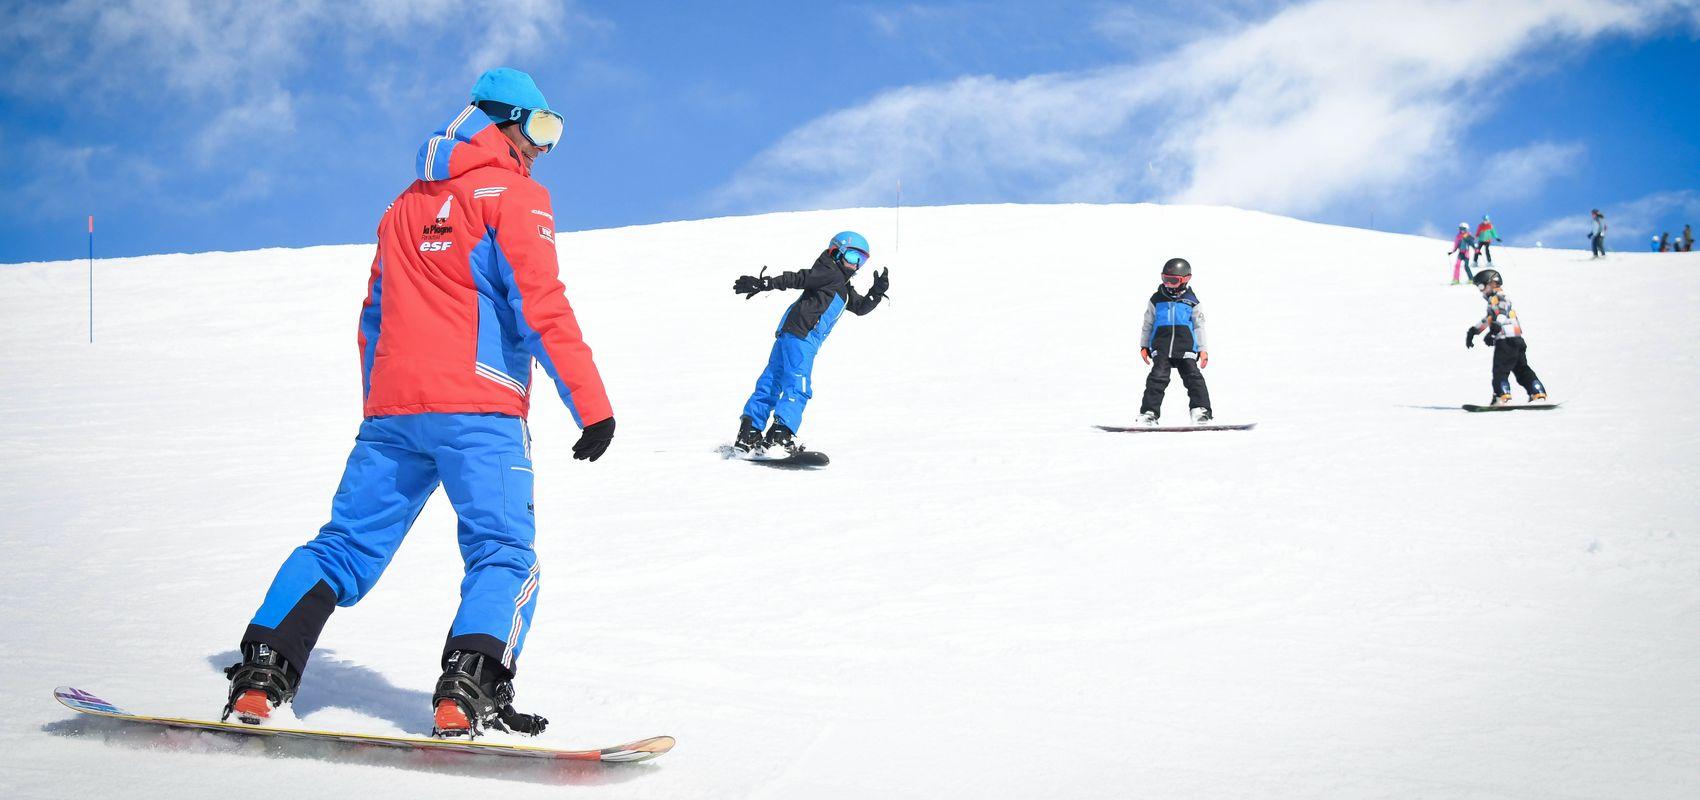 site de rencontre pour les snowboarders Live Chat salles datant